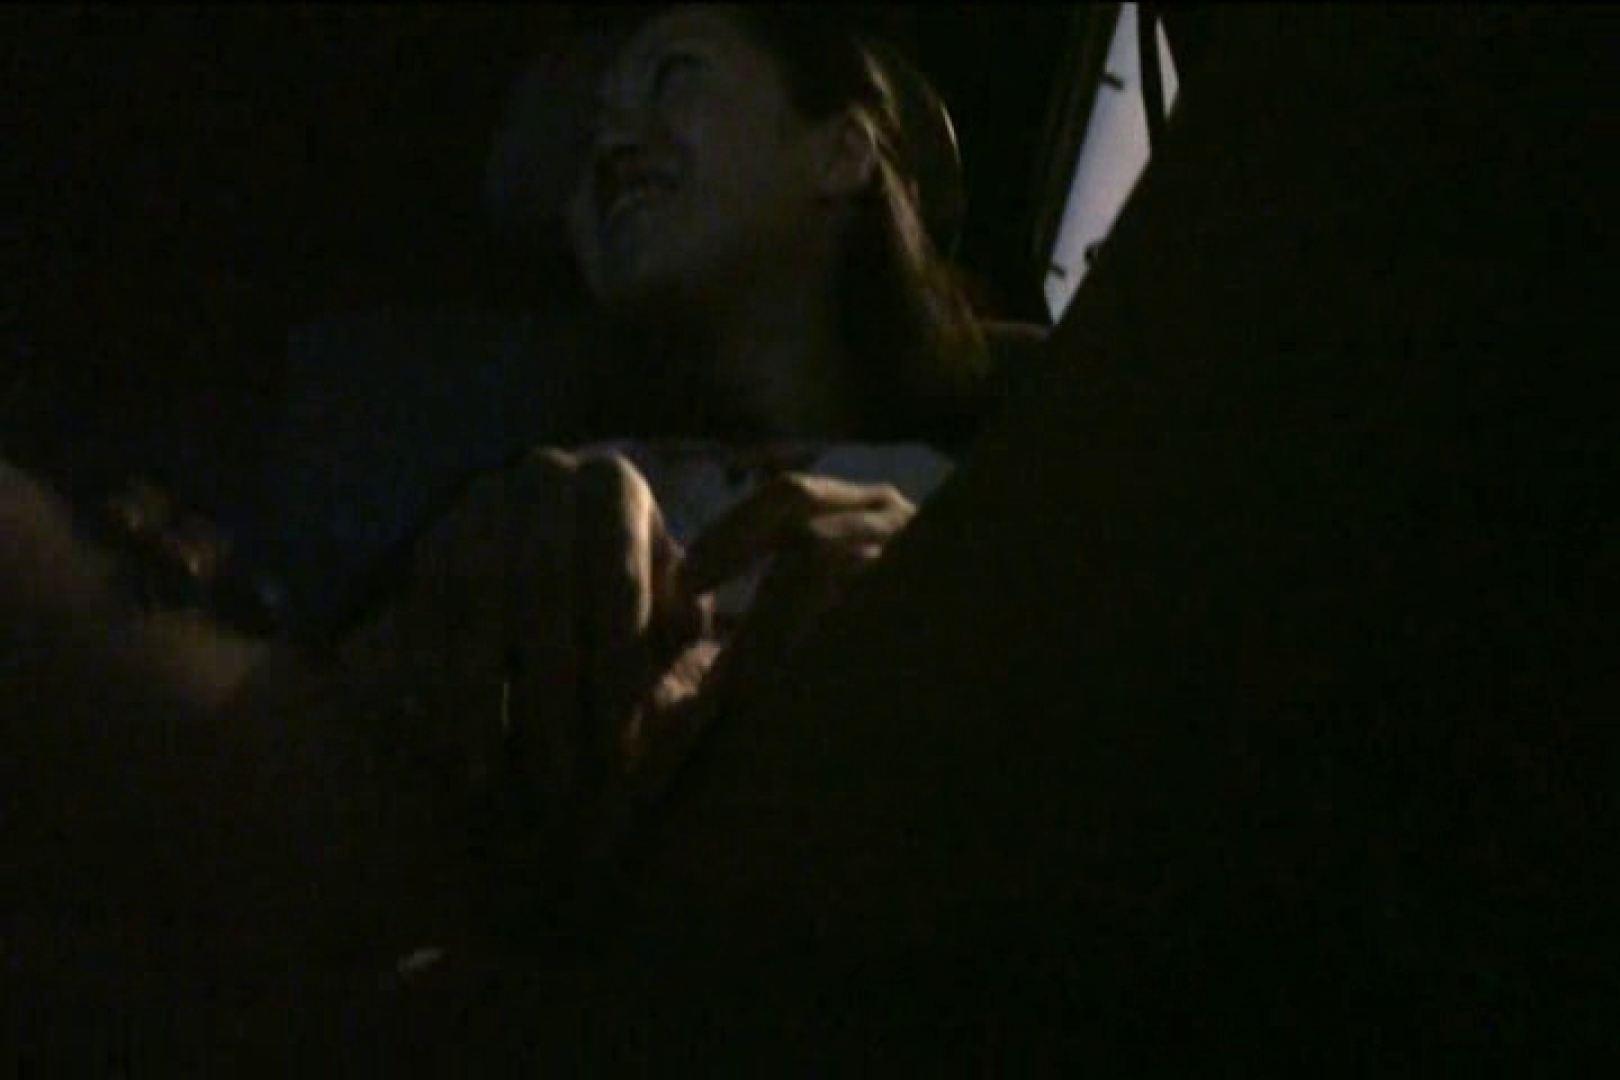 車内で初めまして! vol01 投稿 | ハプニング映像  102PIX 91